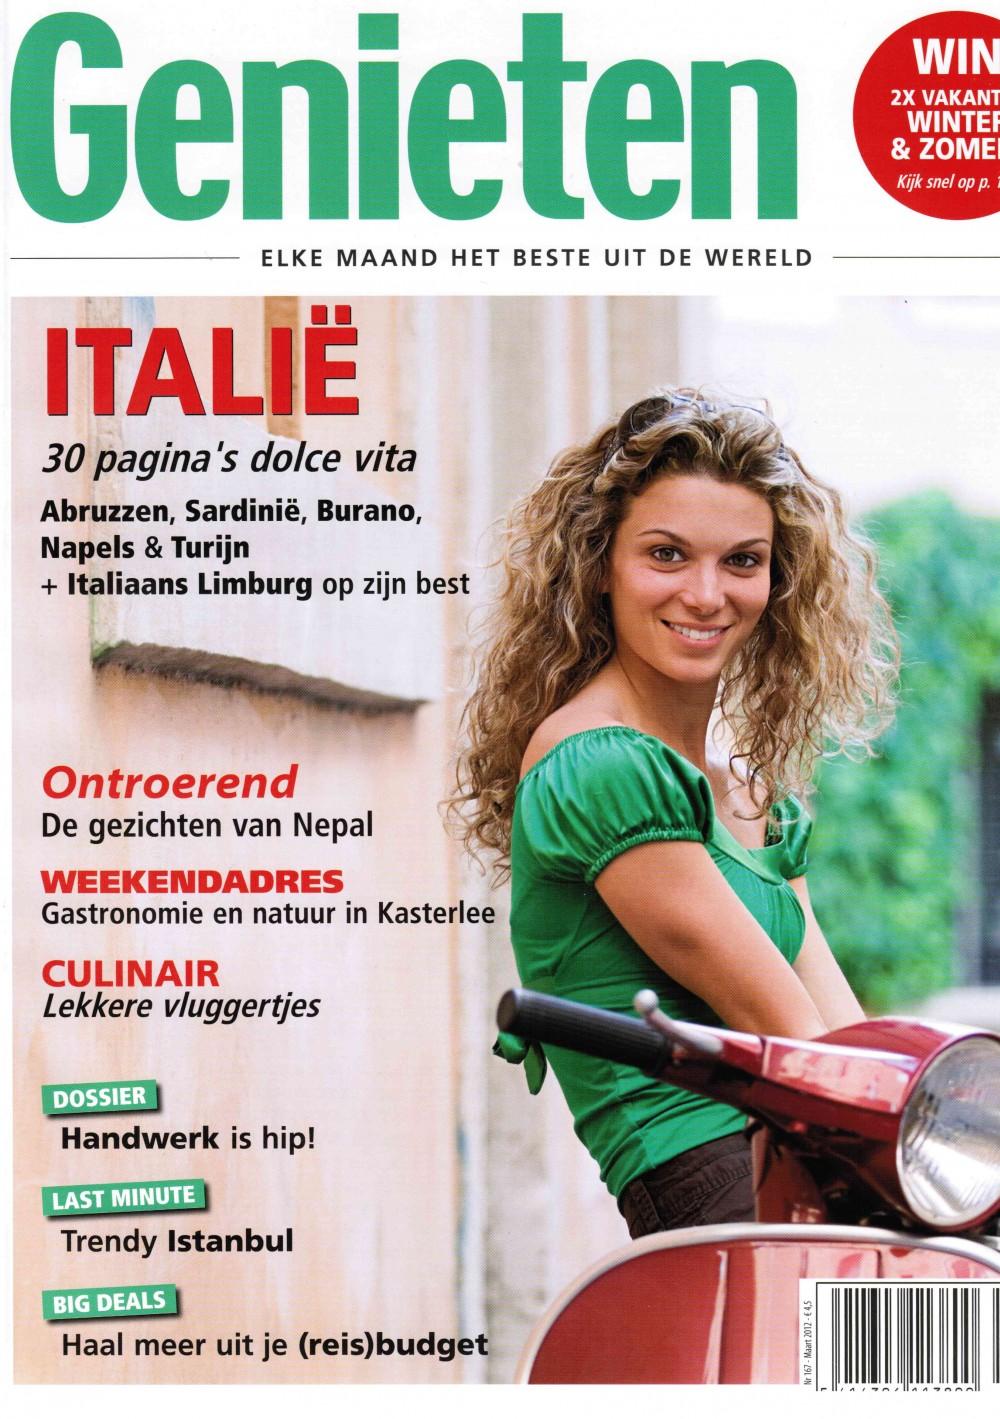 Genieten – Reismagazine. Reisreportages en reiscolumns